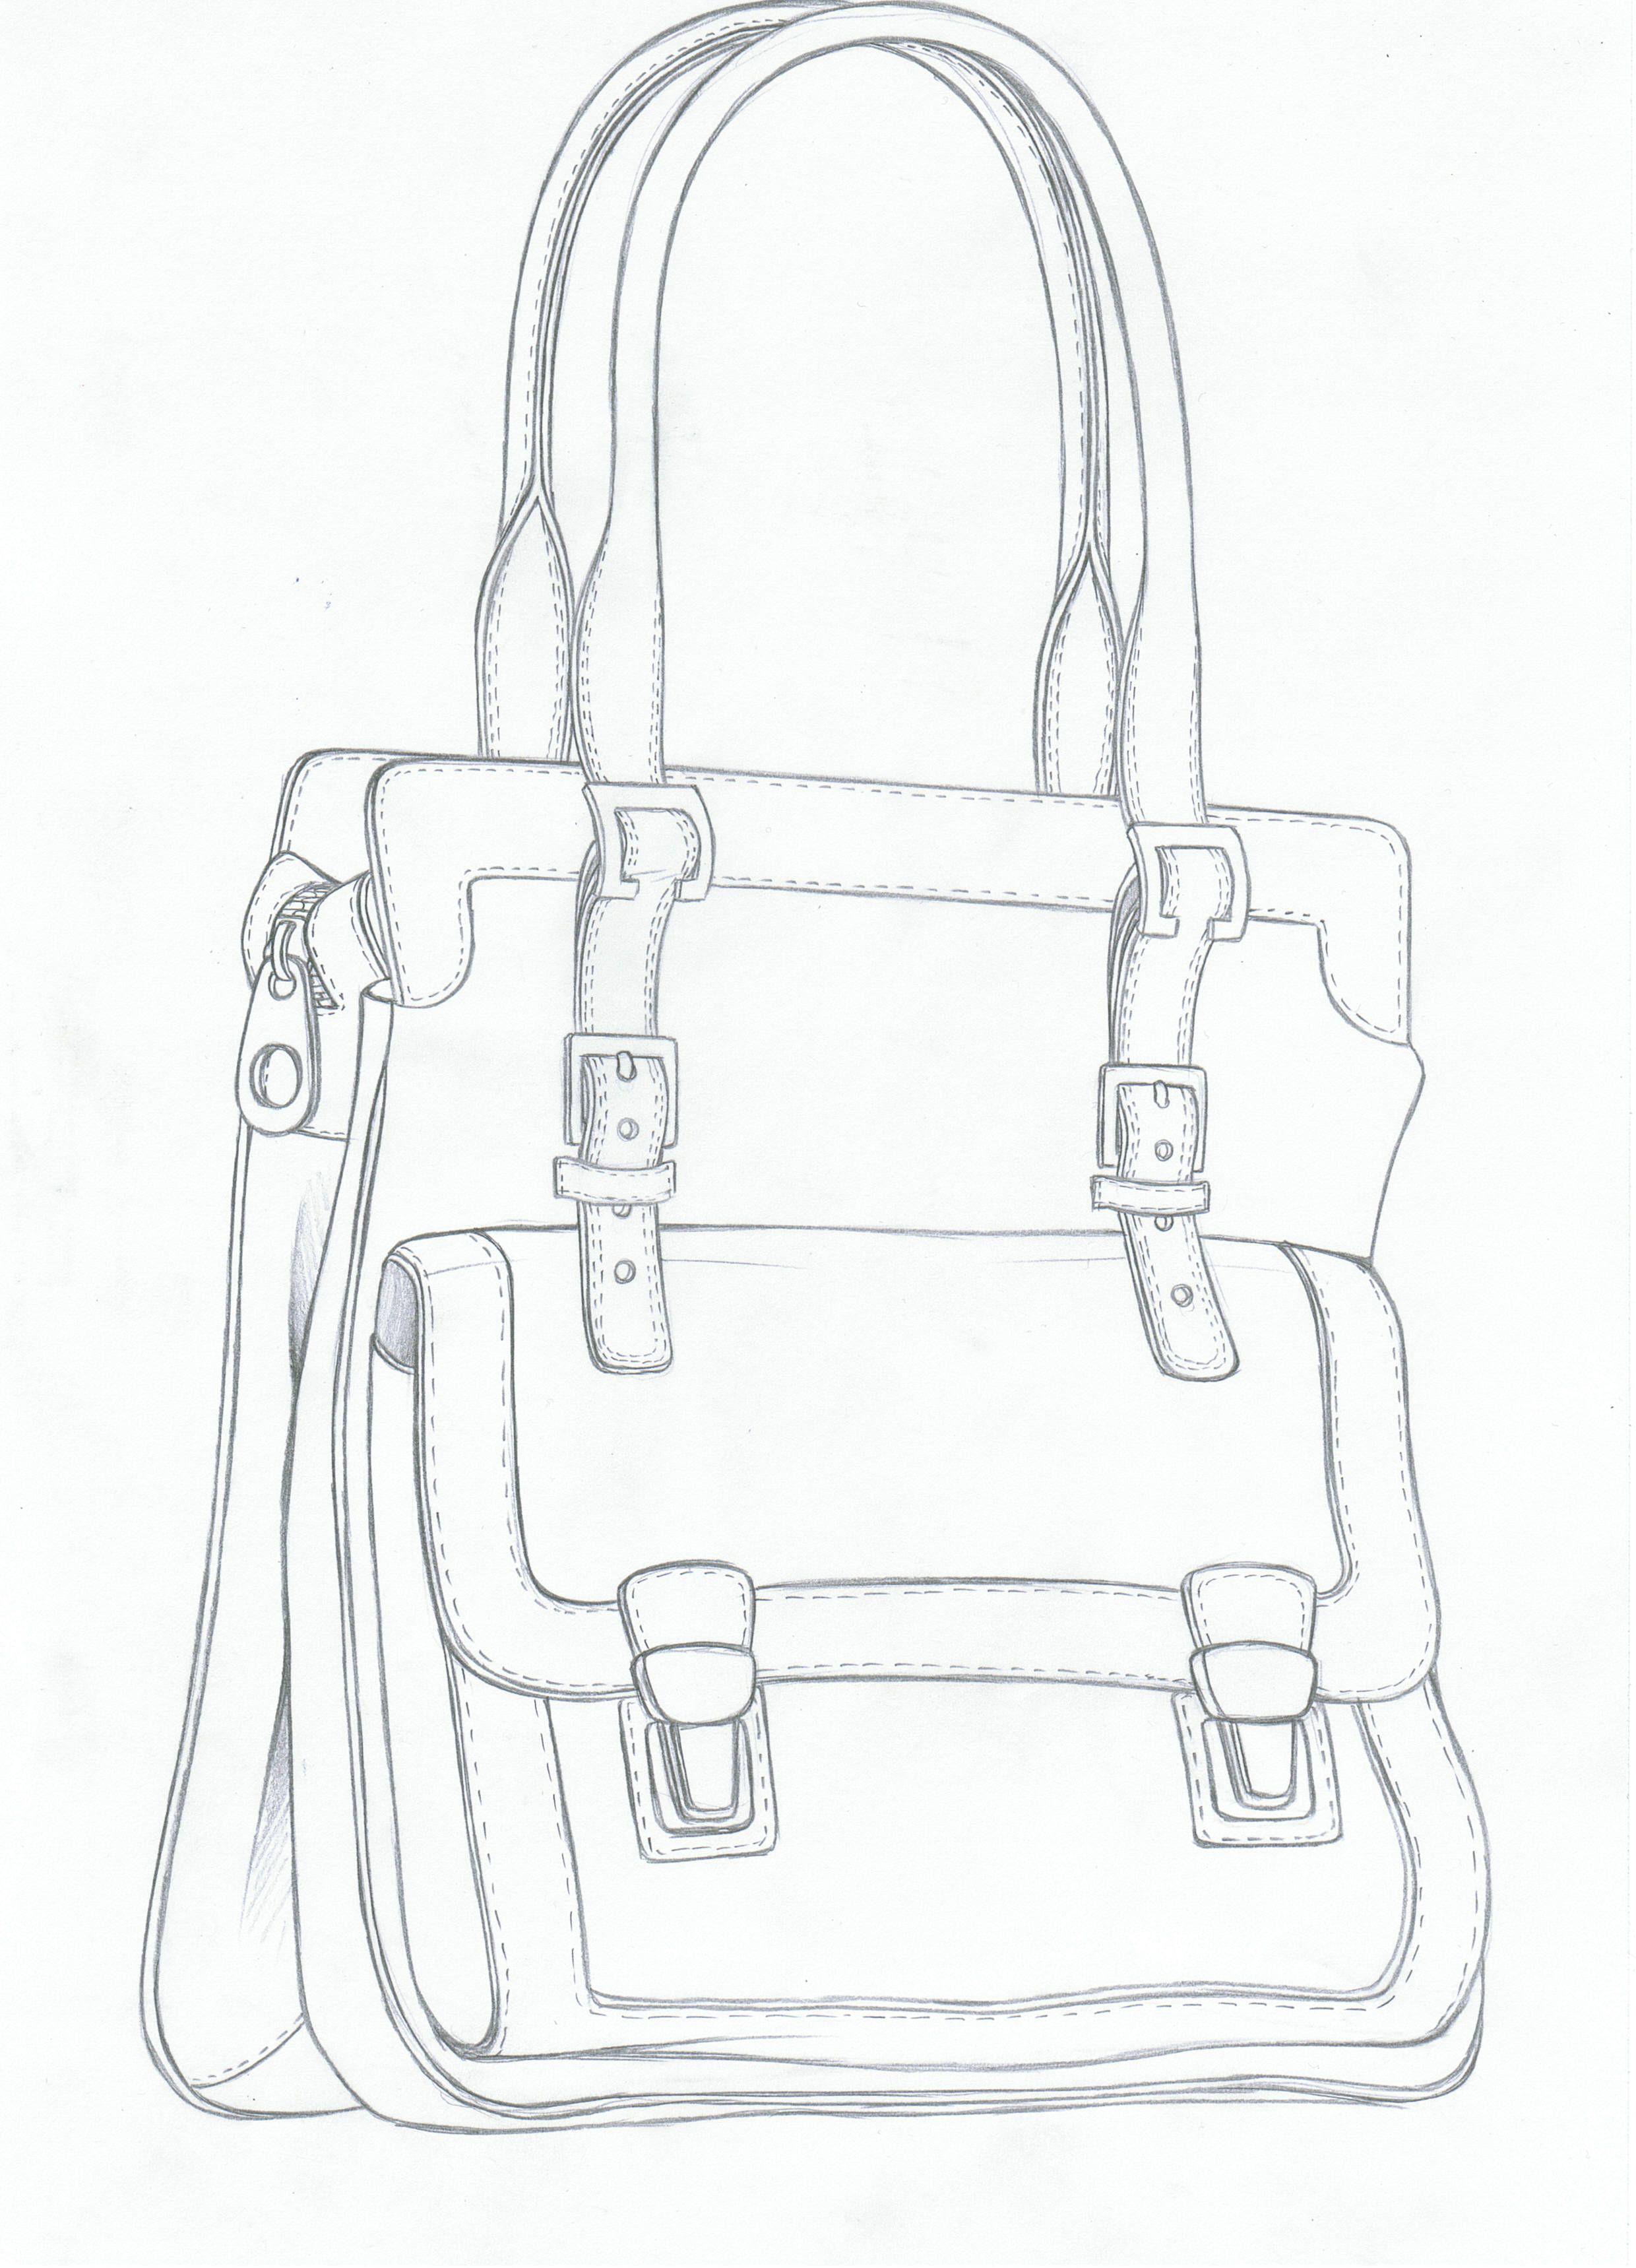 Tote bag template illustrator - Bag